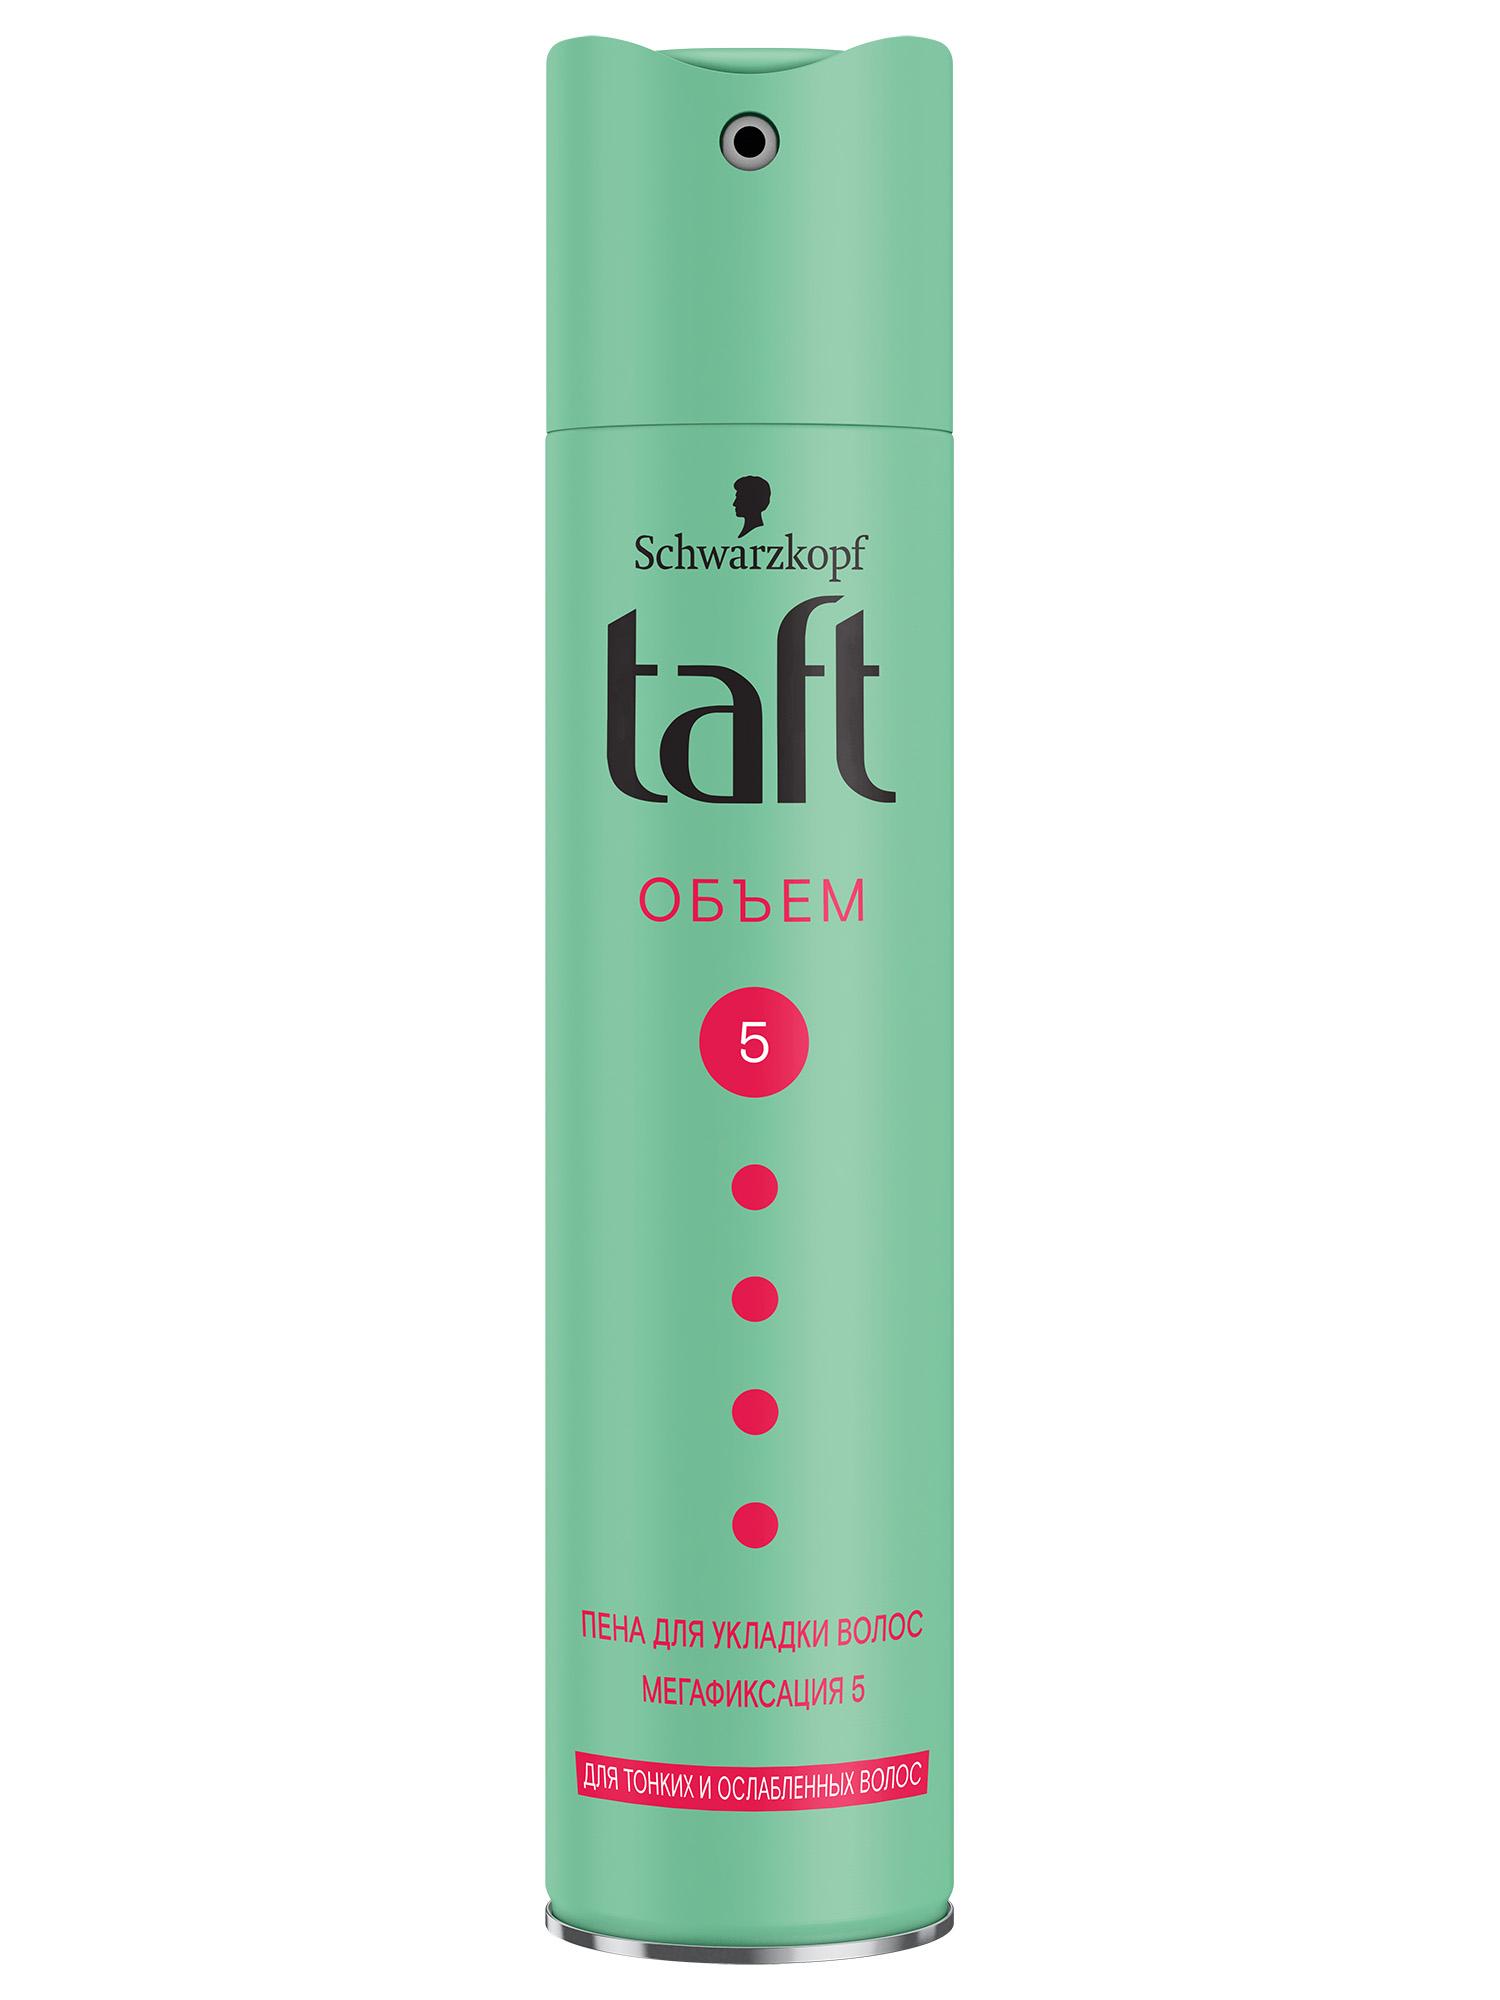 Купить Лак для укладки волос Taft Объём, для тонких и ослабленных волос, мегафиксация 5, 225 мл, лак для волос Объем Мегафиксация 2218272/2086988/1909119/1862712